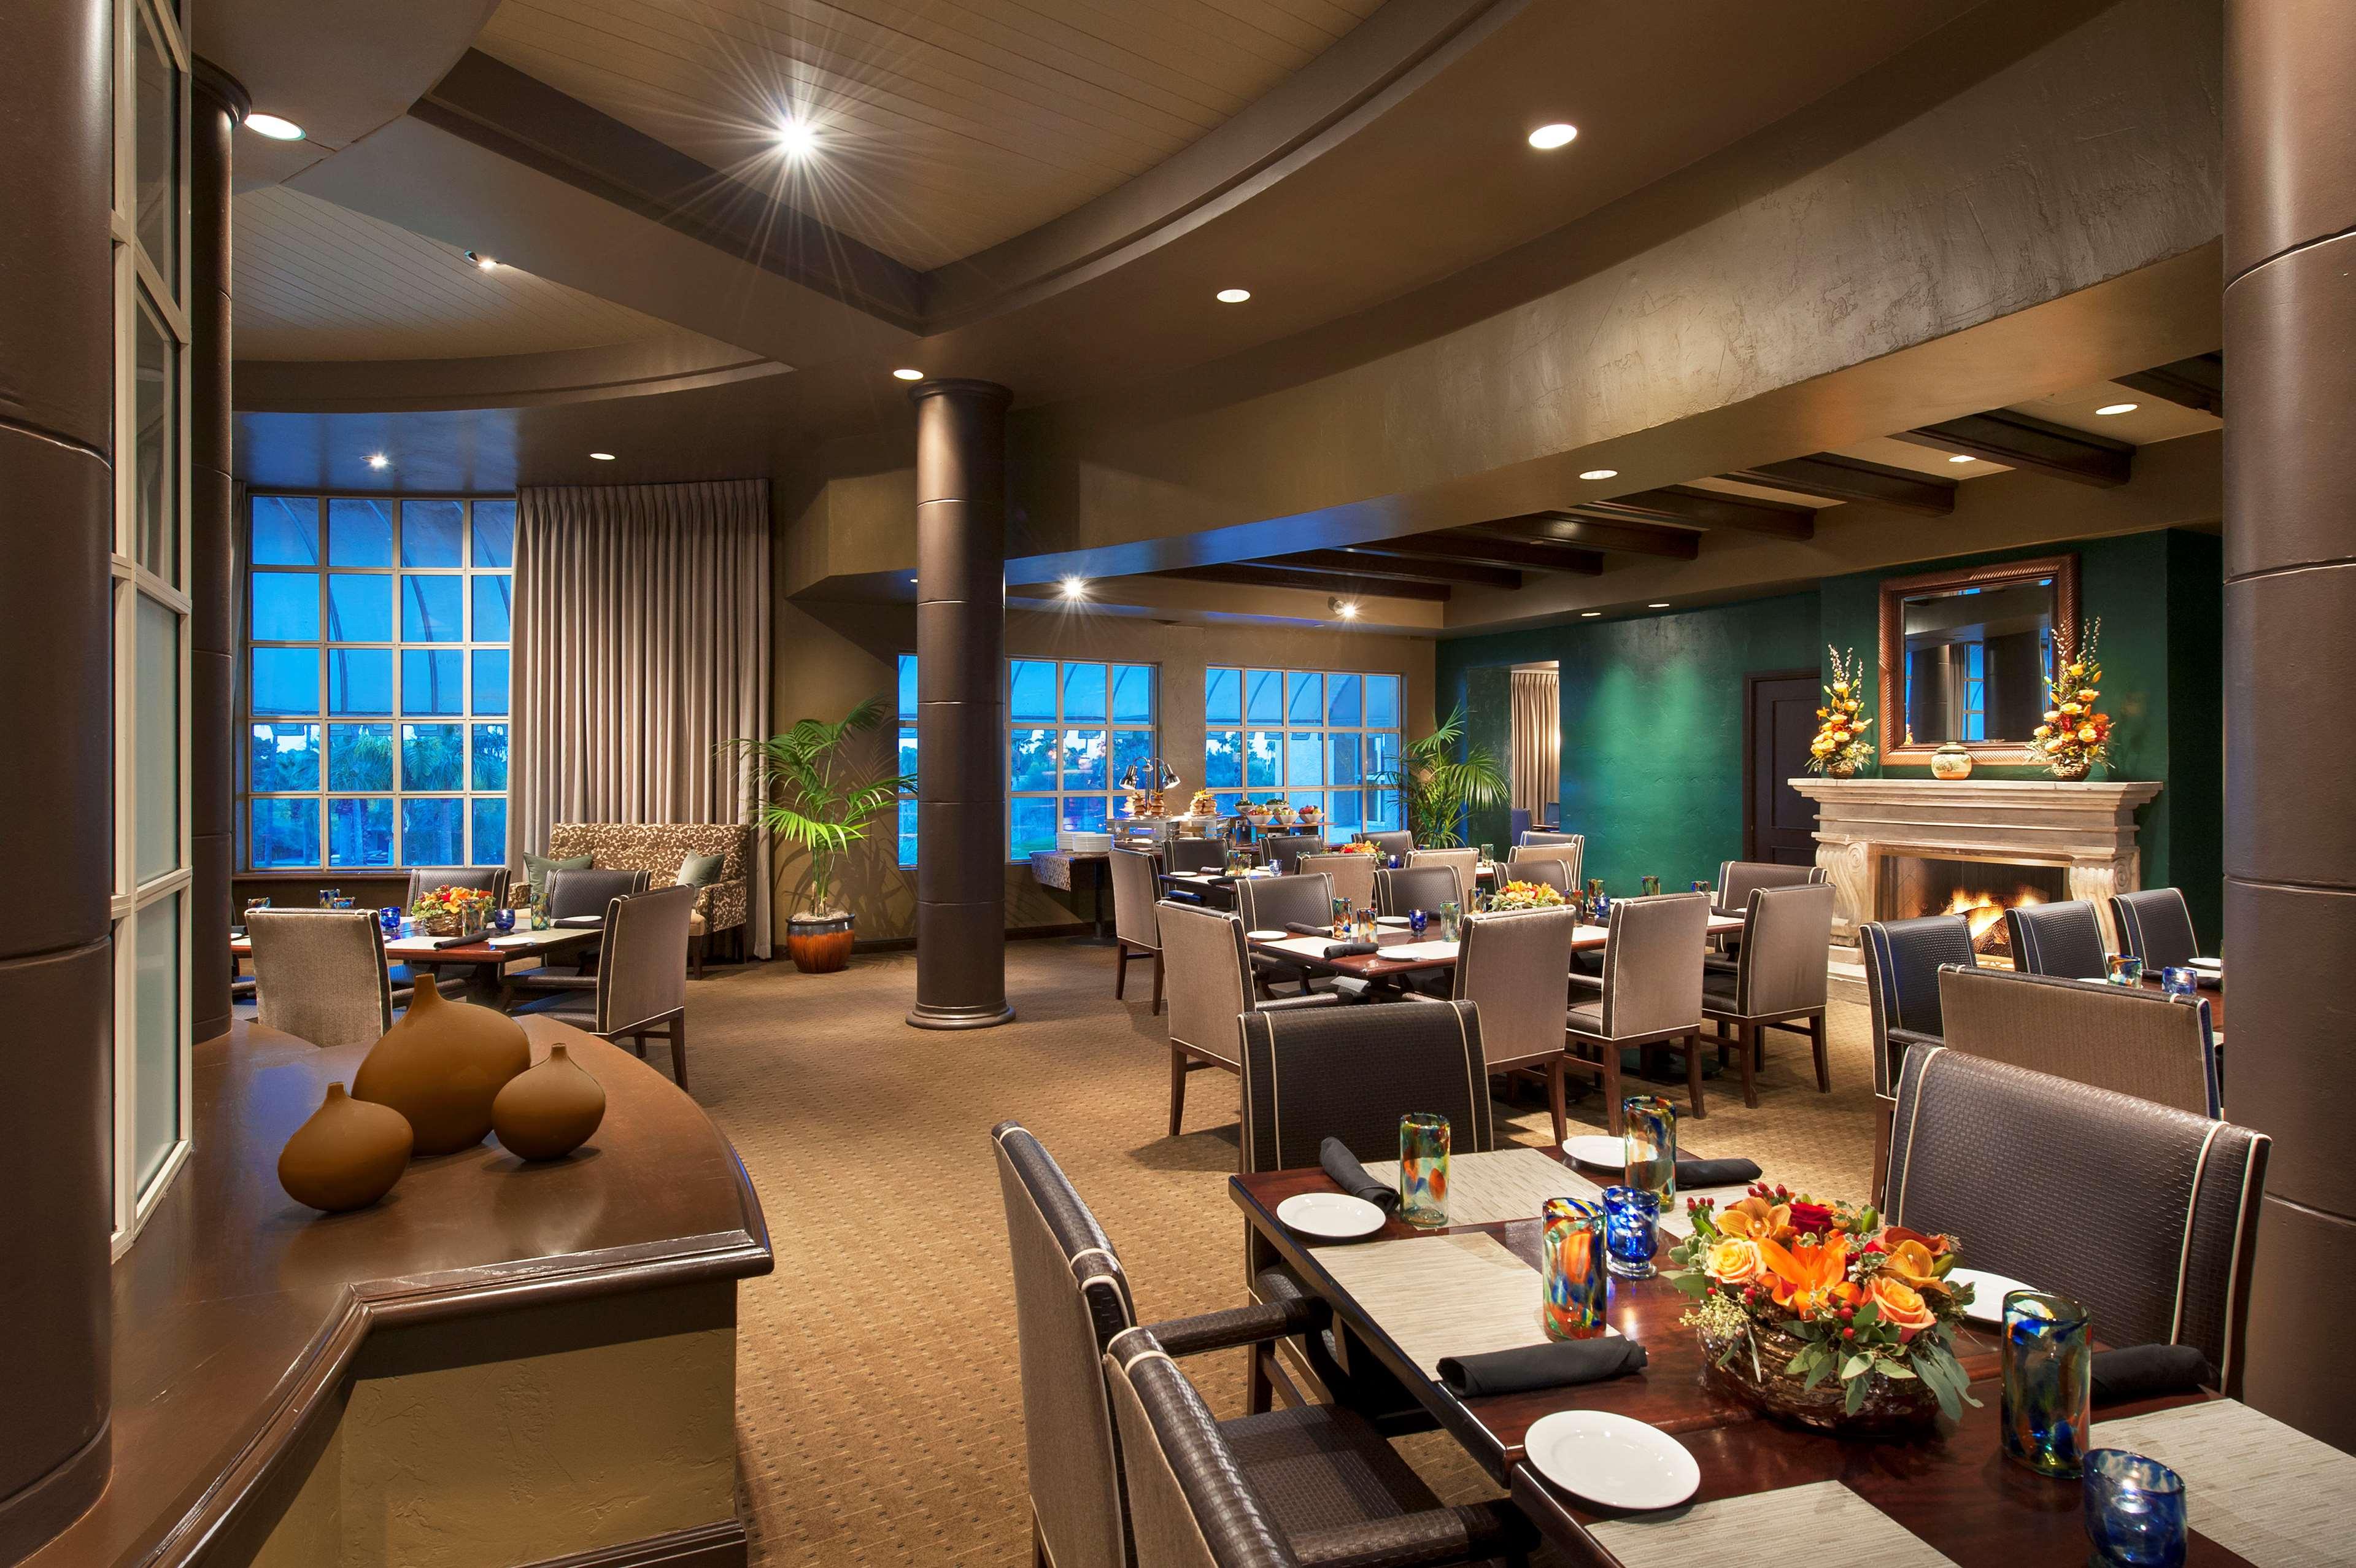 Nordstrom Cafe Scottsdale Hours